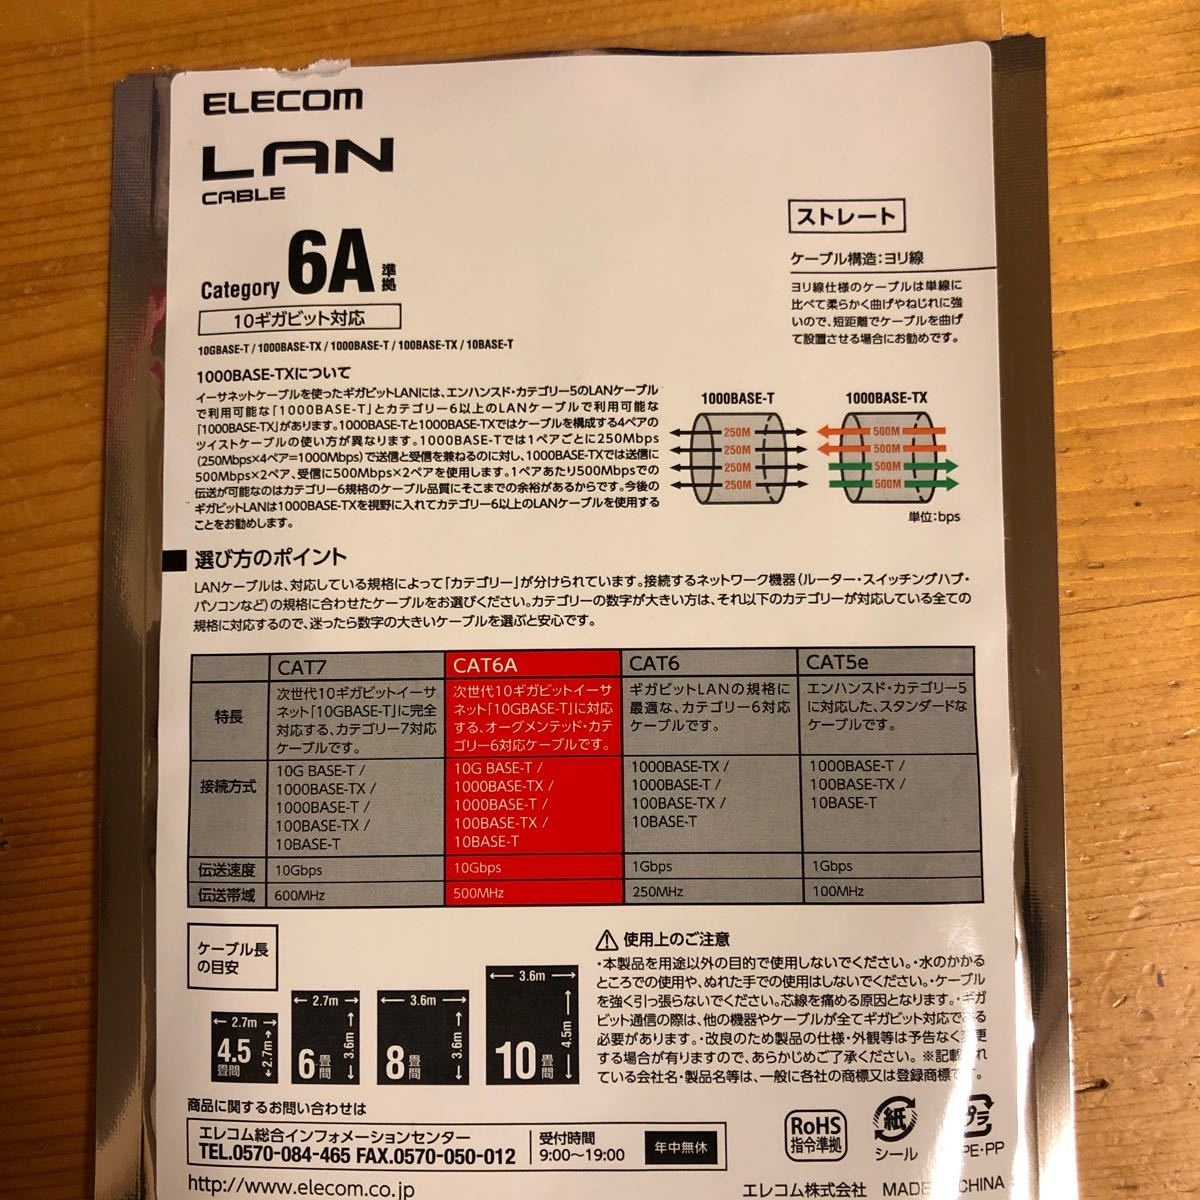 エレコム LD-GPASST/BU15 ツメ折れ防止スーパースリムLANケーブル Cat6A準拠 1.5m